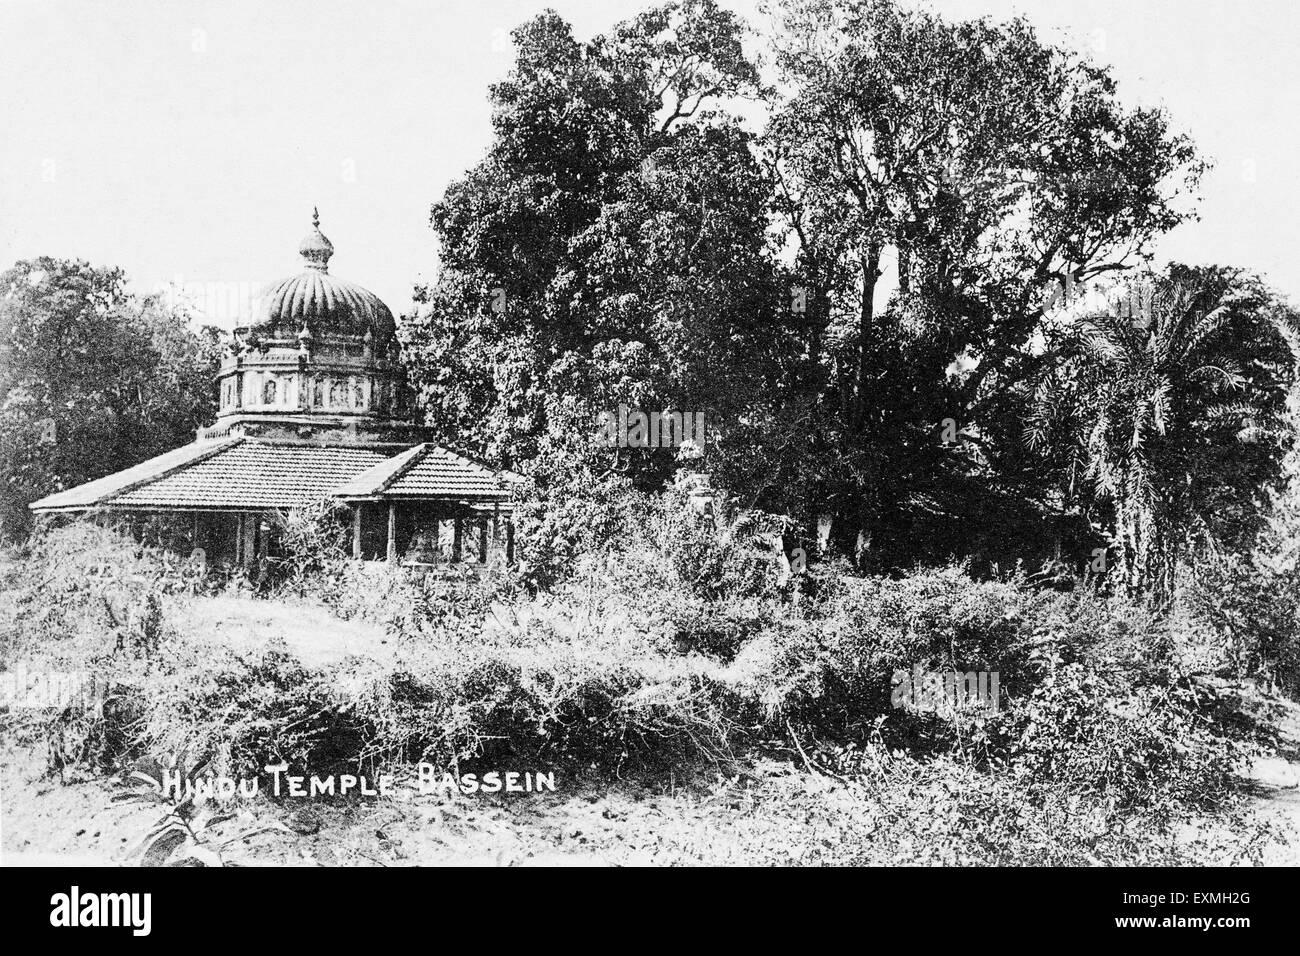 aad 148491 - Old vintage 1900s photo Nageshwar Shiva Temple Bassein Fort Thane Maharashtra India - Stock Image